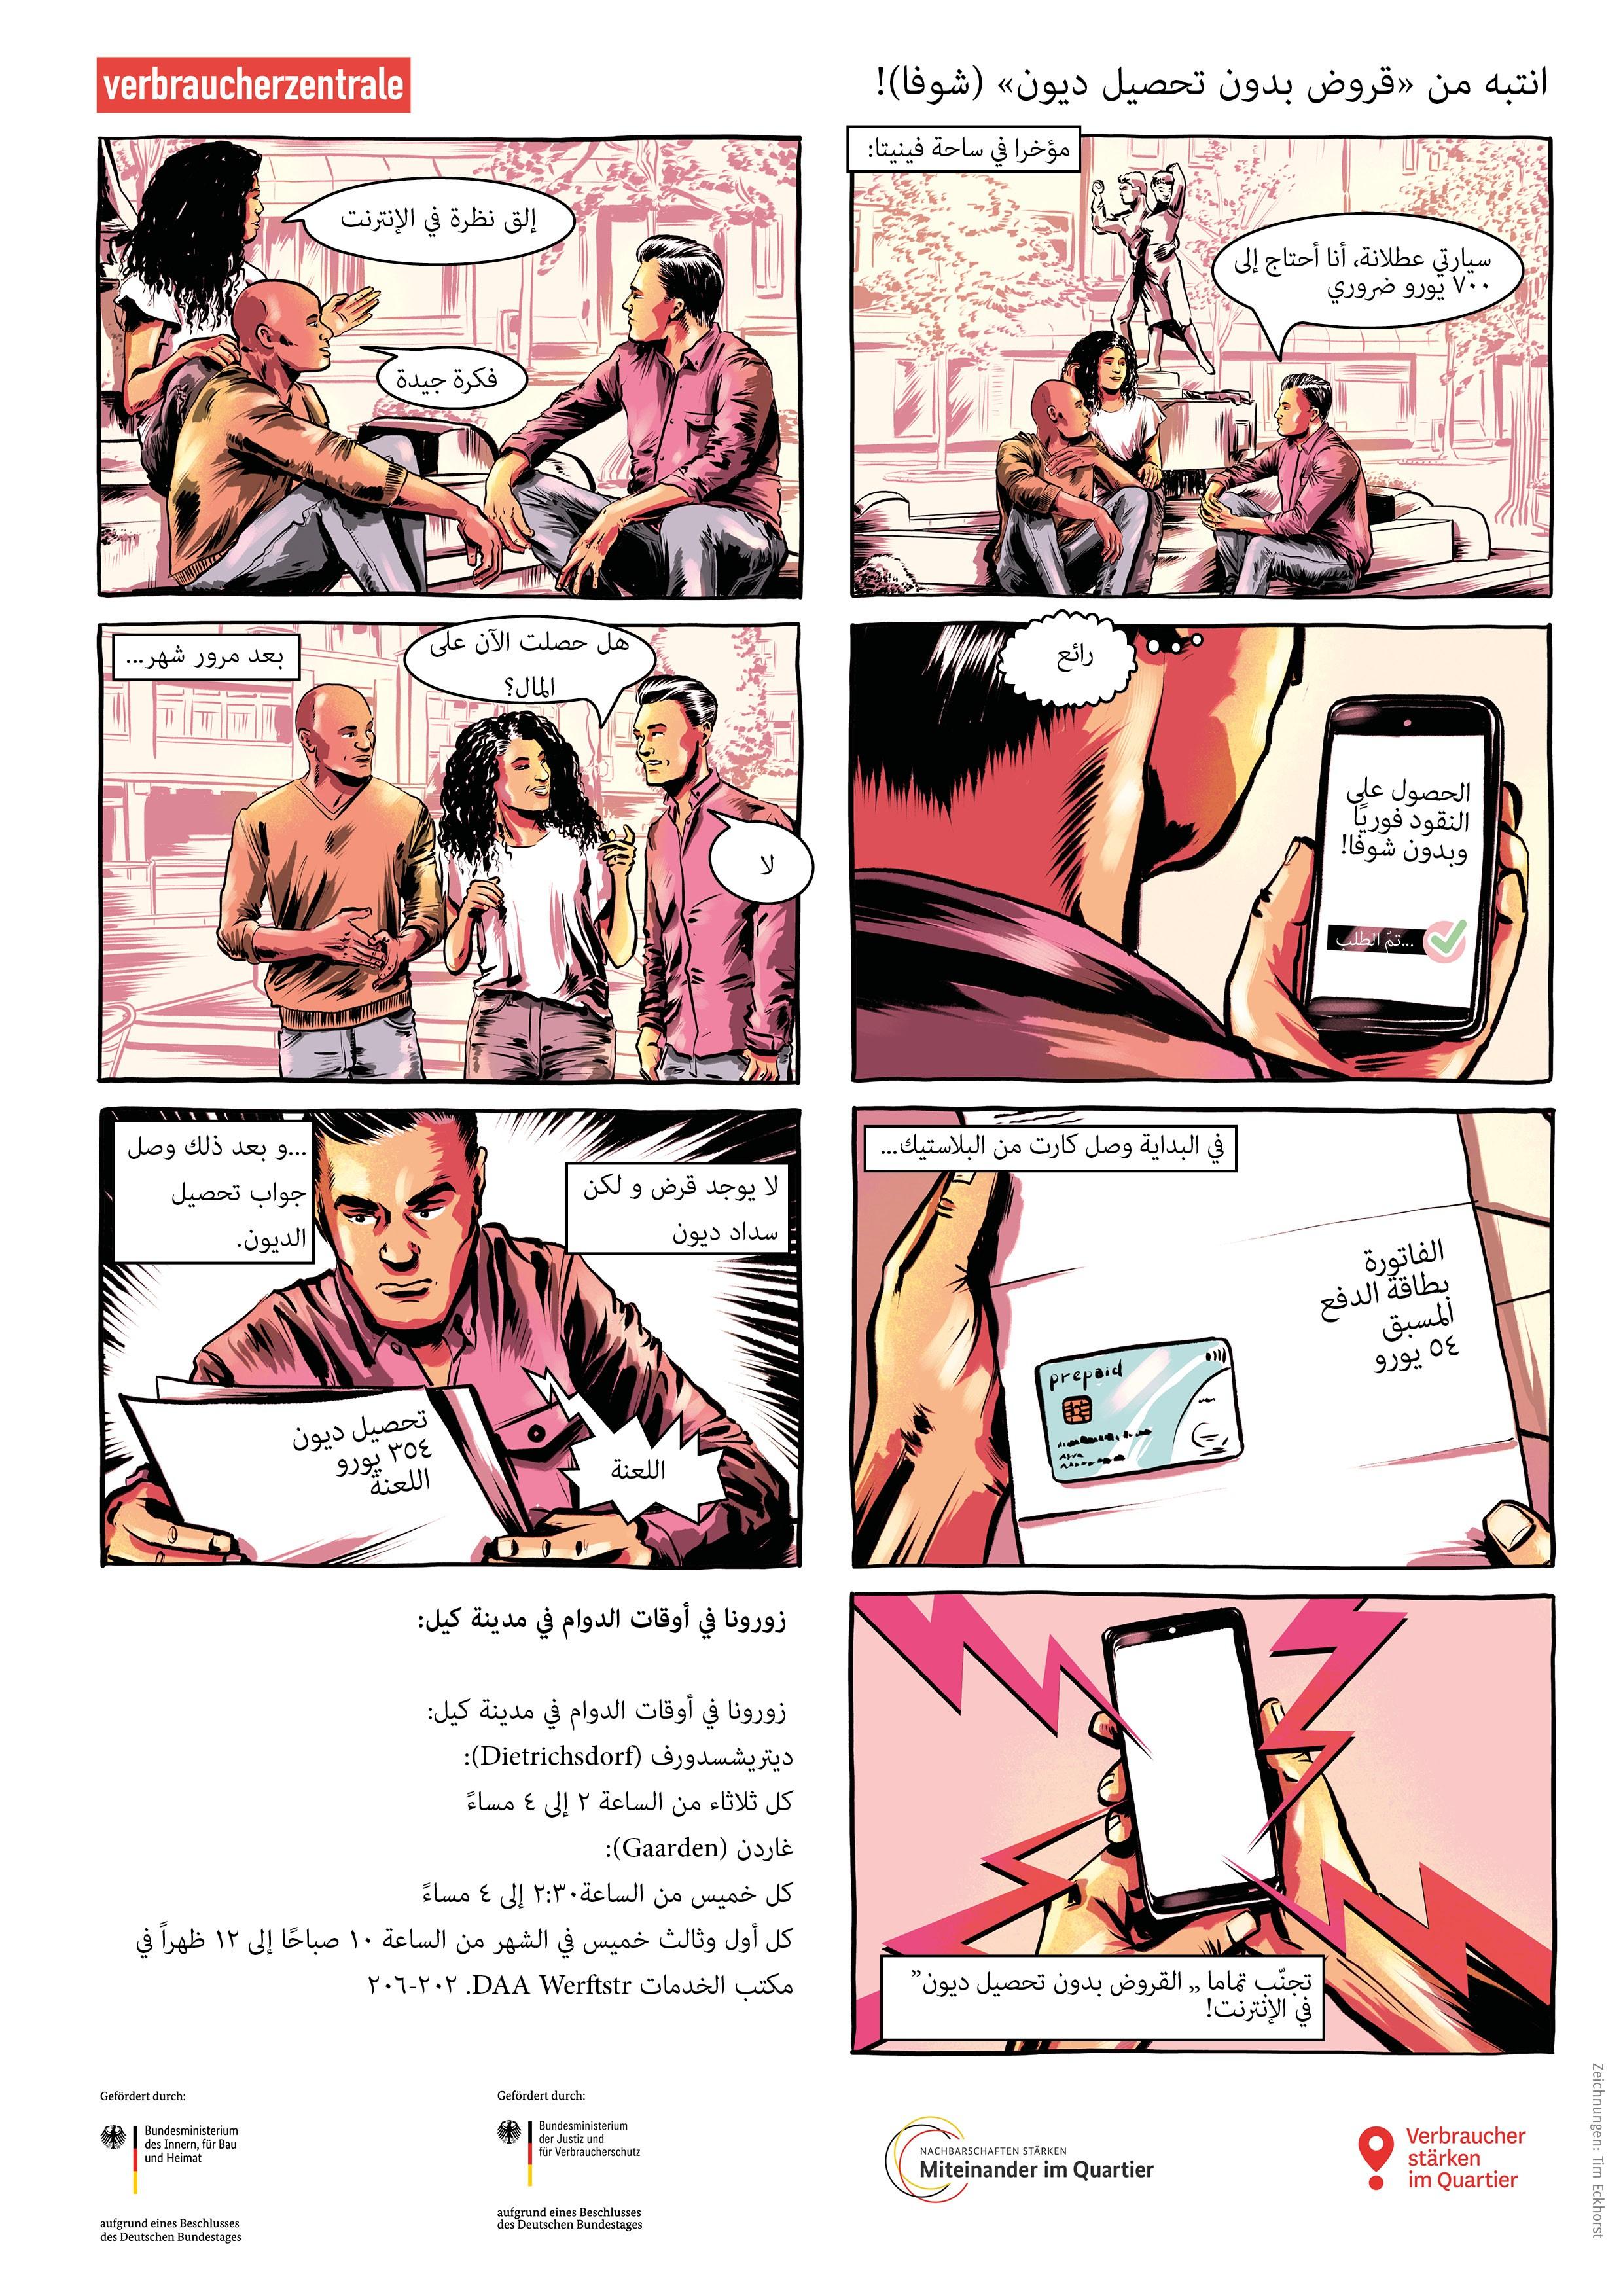 Der gleiche Comic auf Arabisch